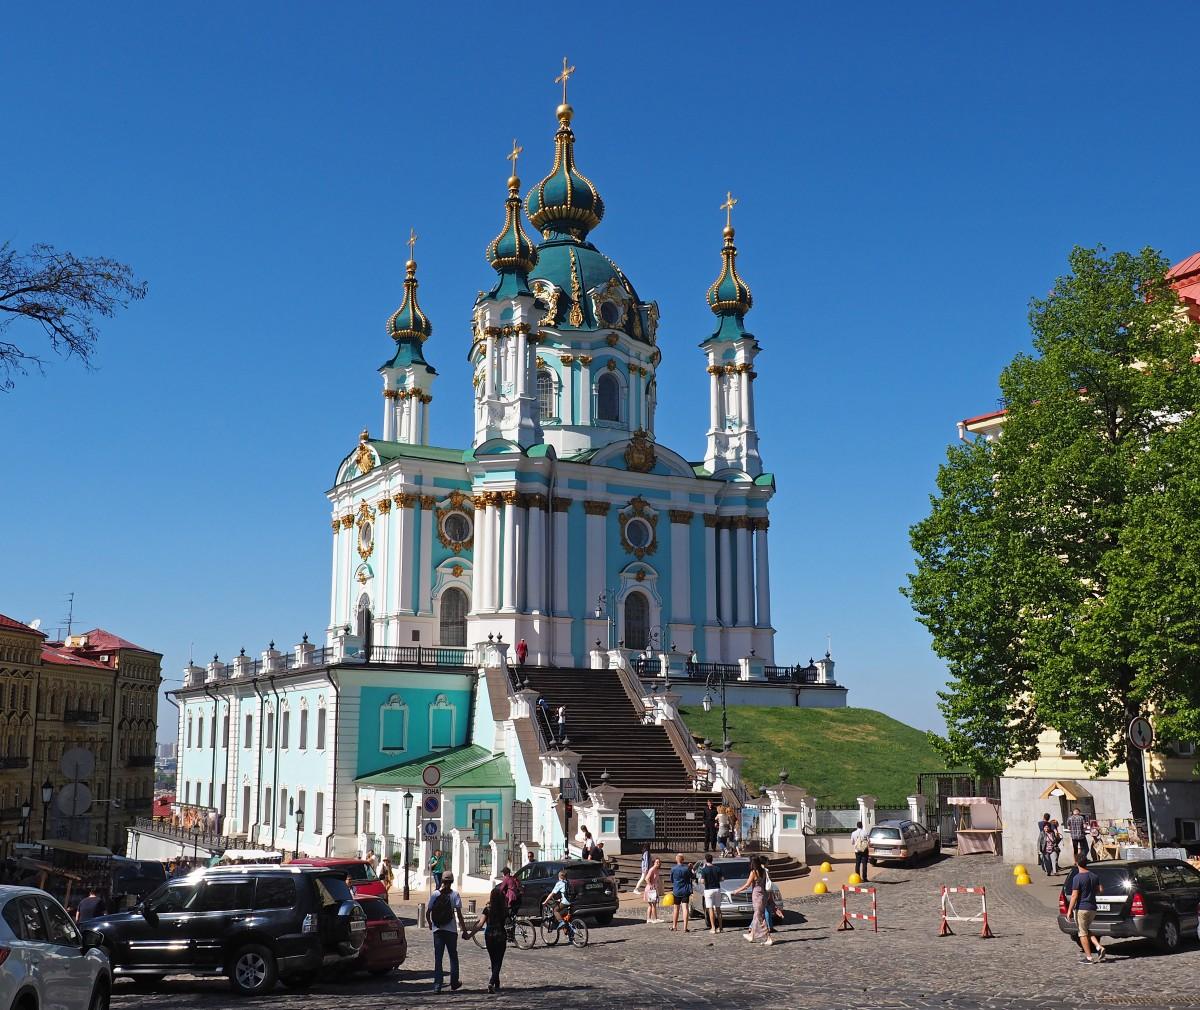 Zdjęcia: Kijów, Obwód kijowski, Cerkiew św. Andrzeja, UKRAINA